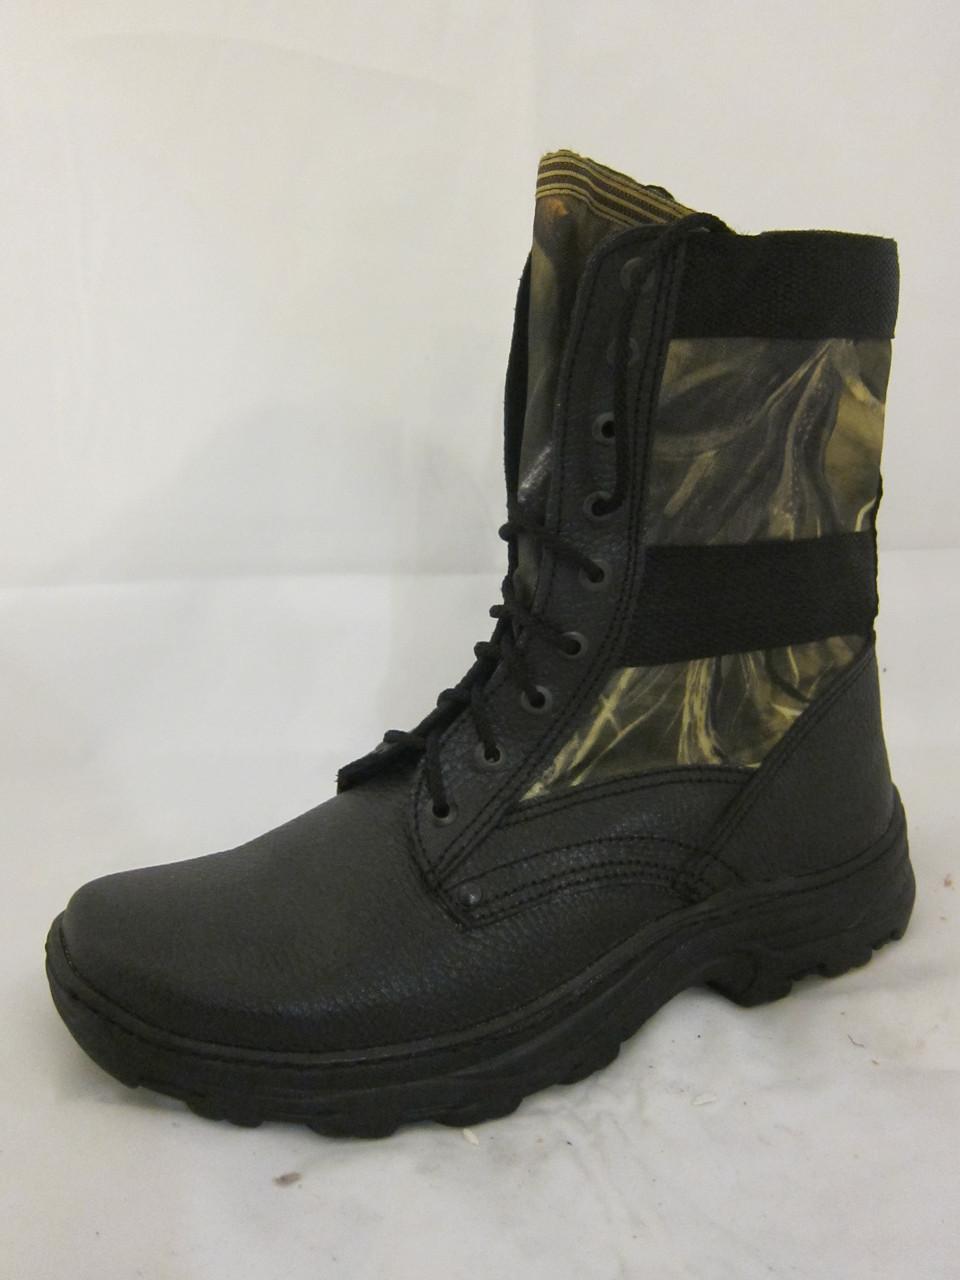 Берцы облегченные (берцы кожаные. военная обувь, армейская обувь) -  Интернет-магазин 3b1d2126062